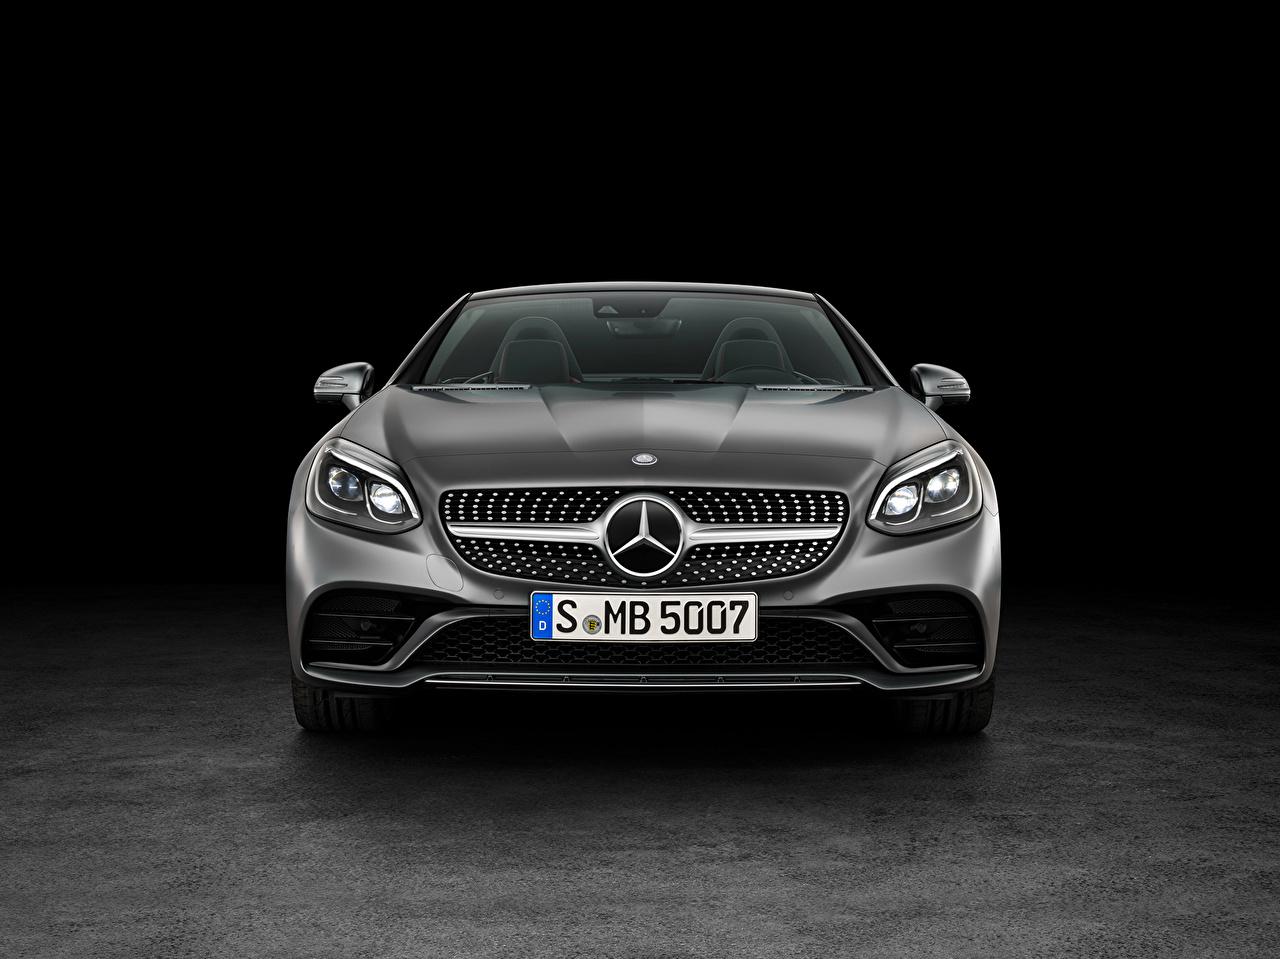 Картинки Mercedes-Benz AMG SLC-Class R172 кабриолета серая авто Спереди Мерседес бенц Кабриолет Серый серые машина машины Автомобили автомобиль